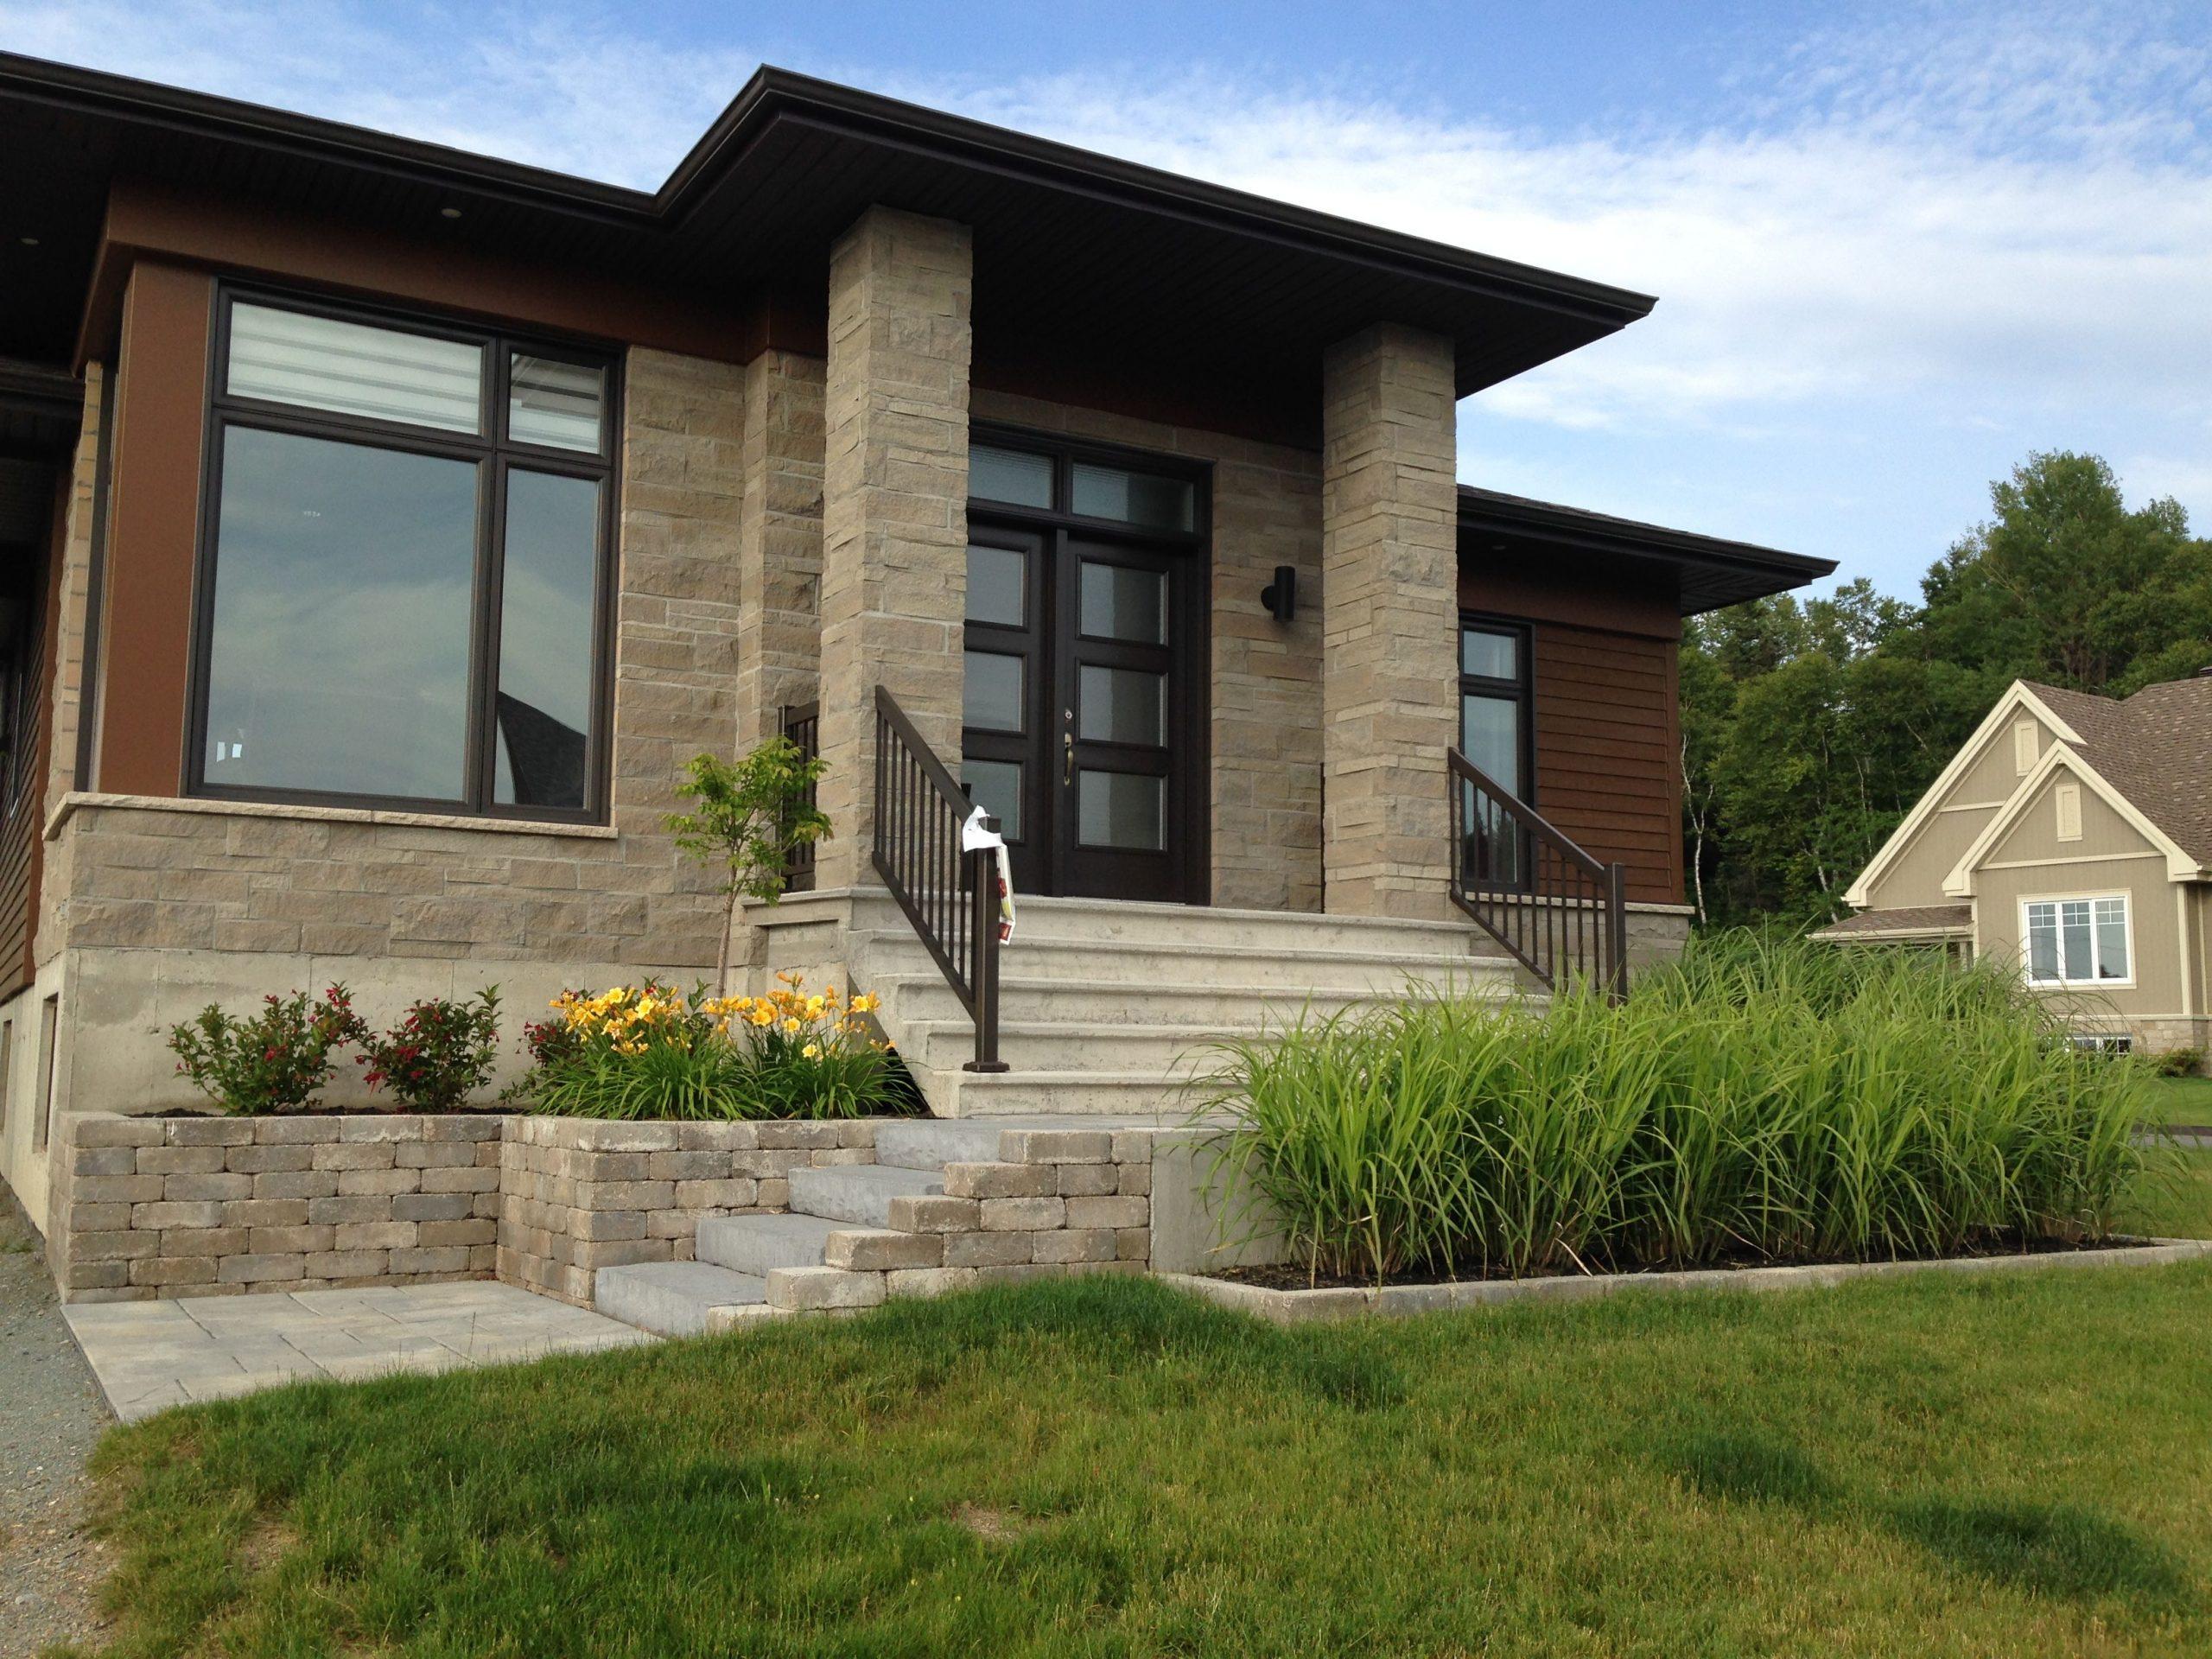 Aménagement Contemporain | Aménagement Paysager Devant ... concernant Aménagement Paysager Devant Maison Moderne